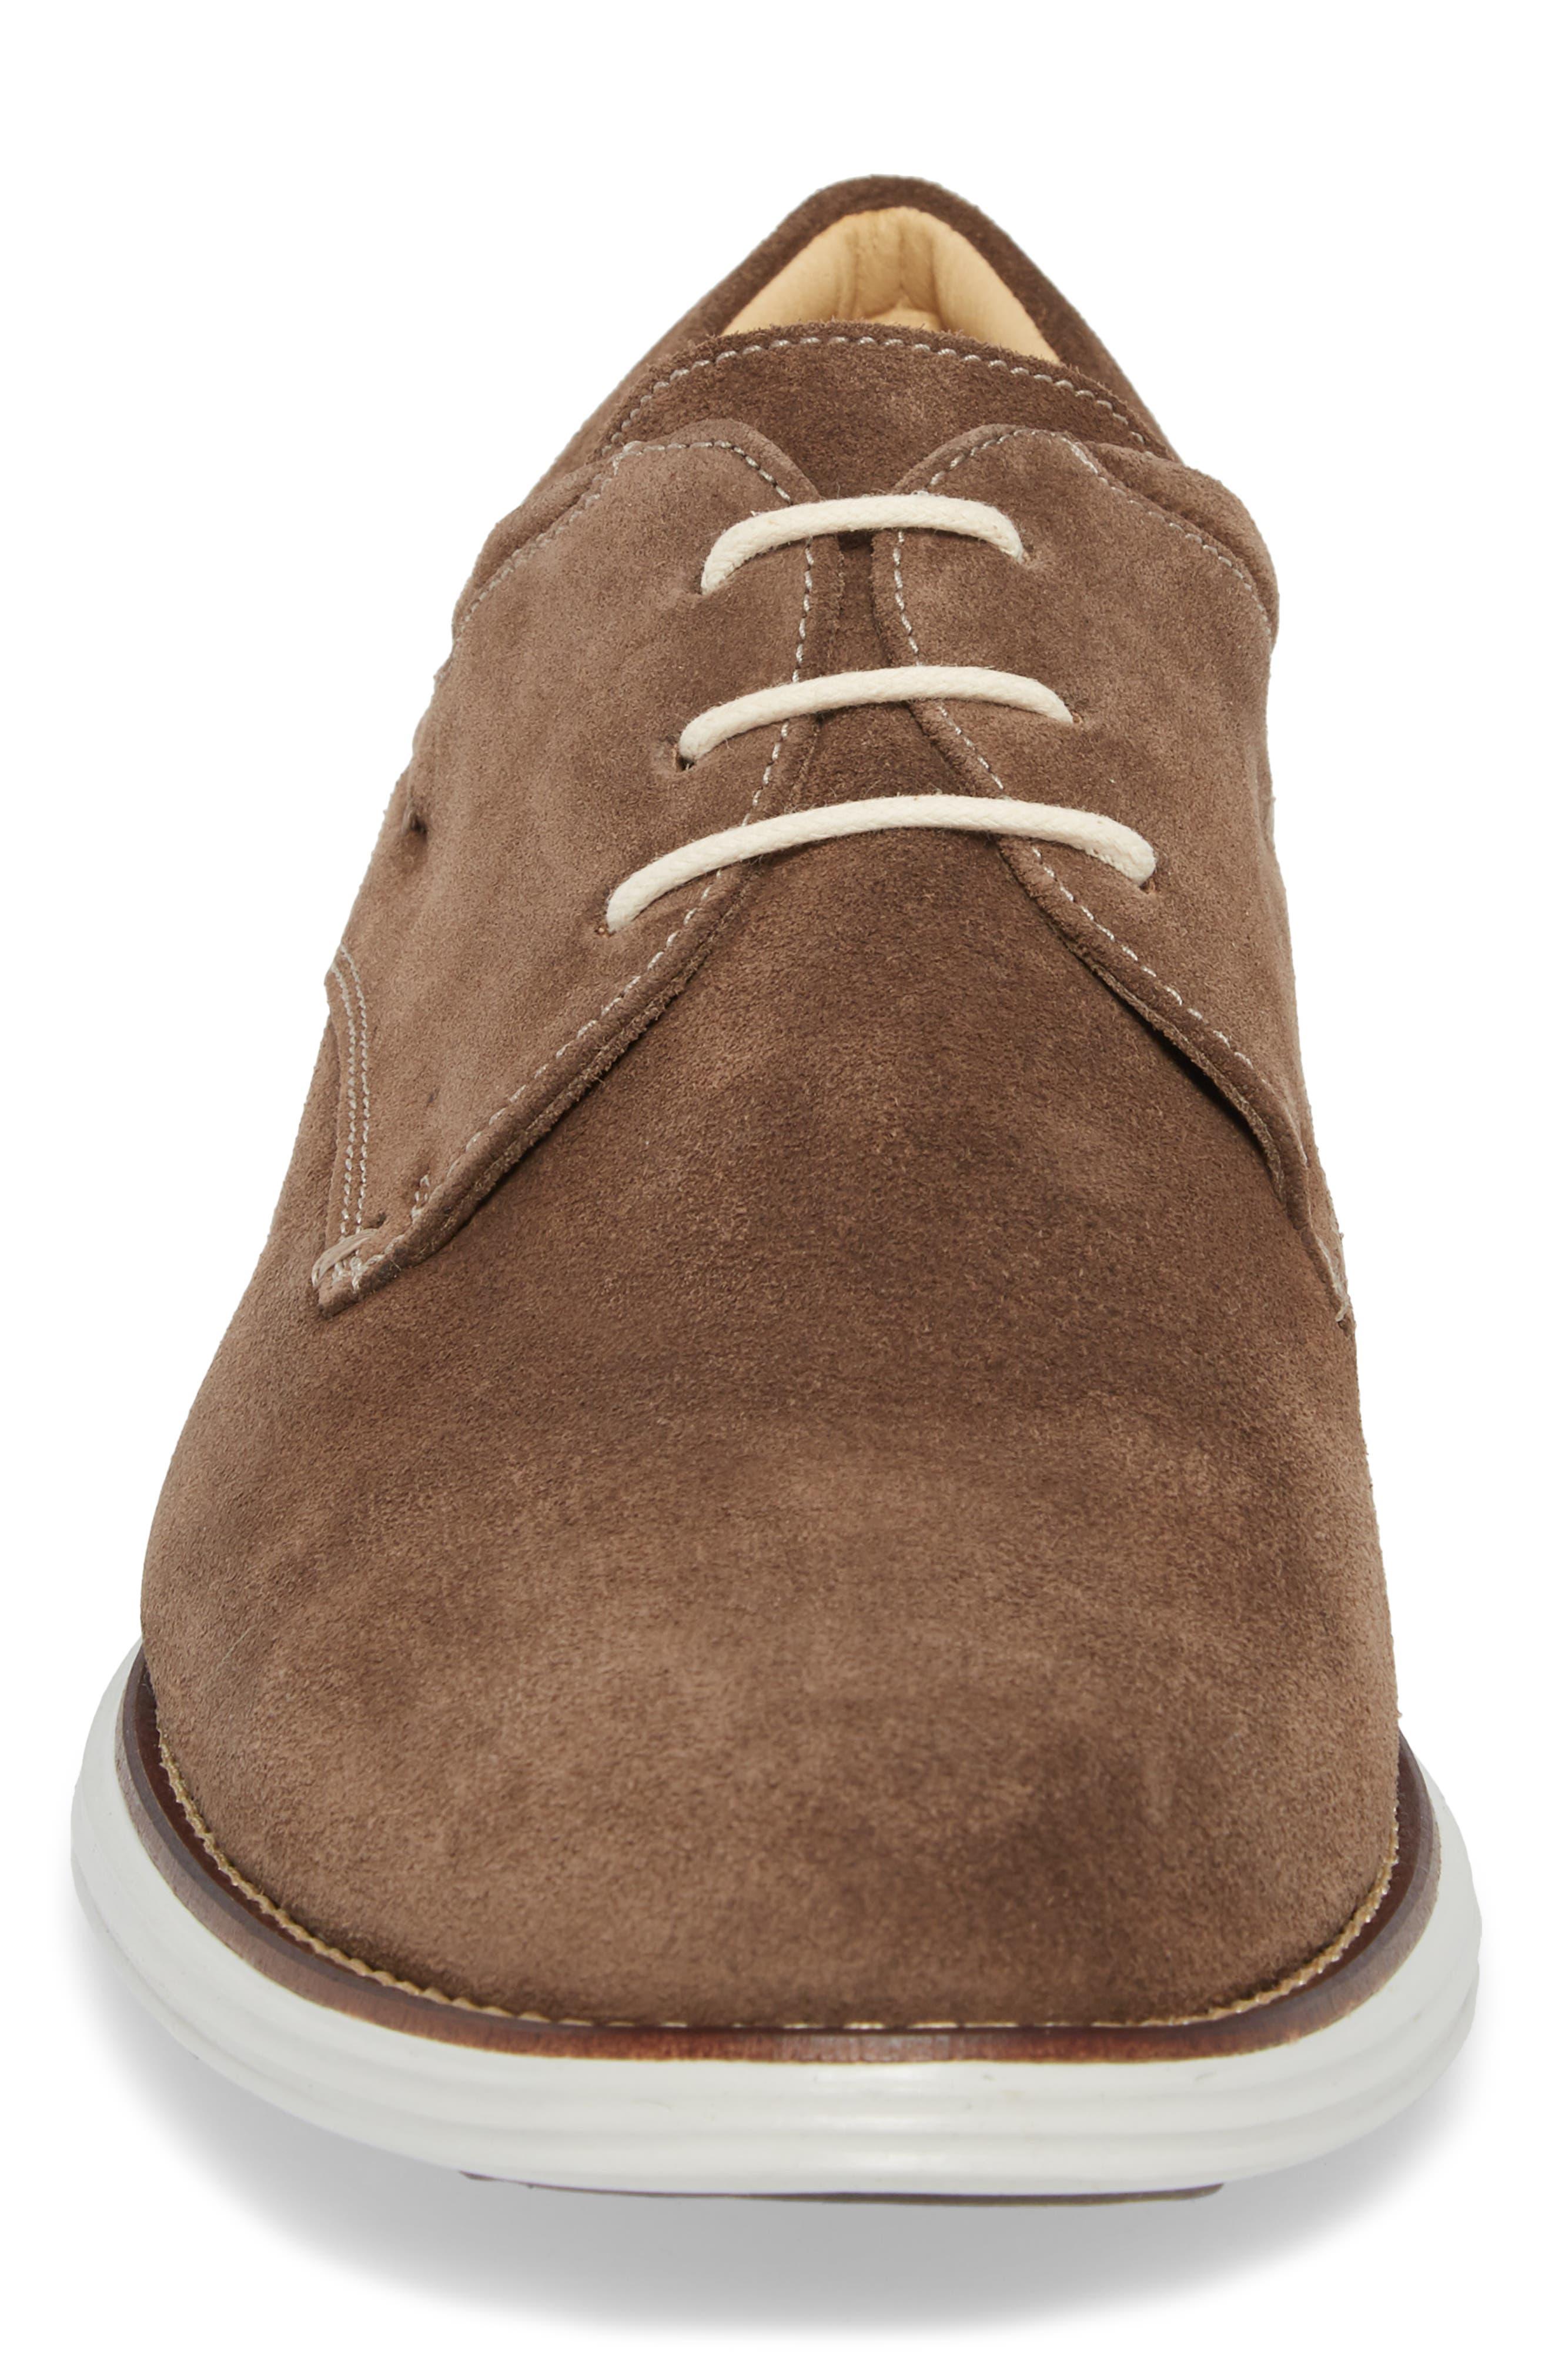 Planalto Plain Toe Derby,                             Alternate thumbnail 4, color,                             Suede Truffle Leather